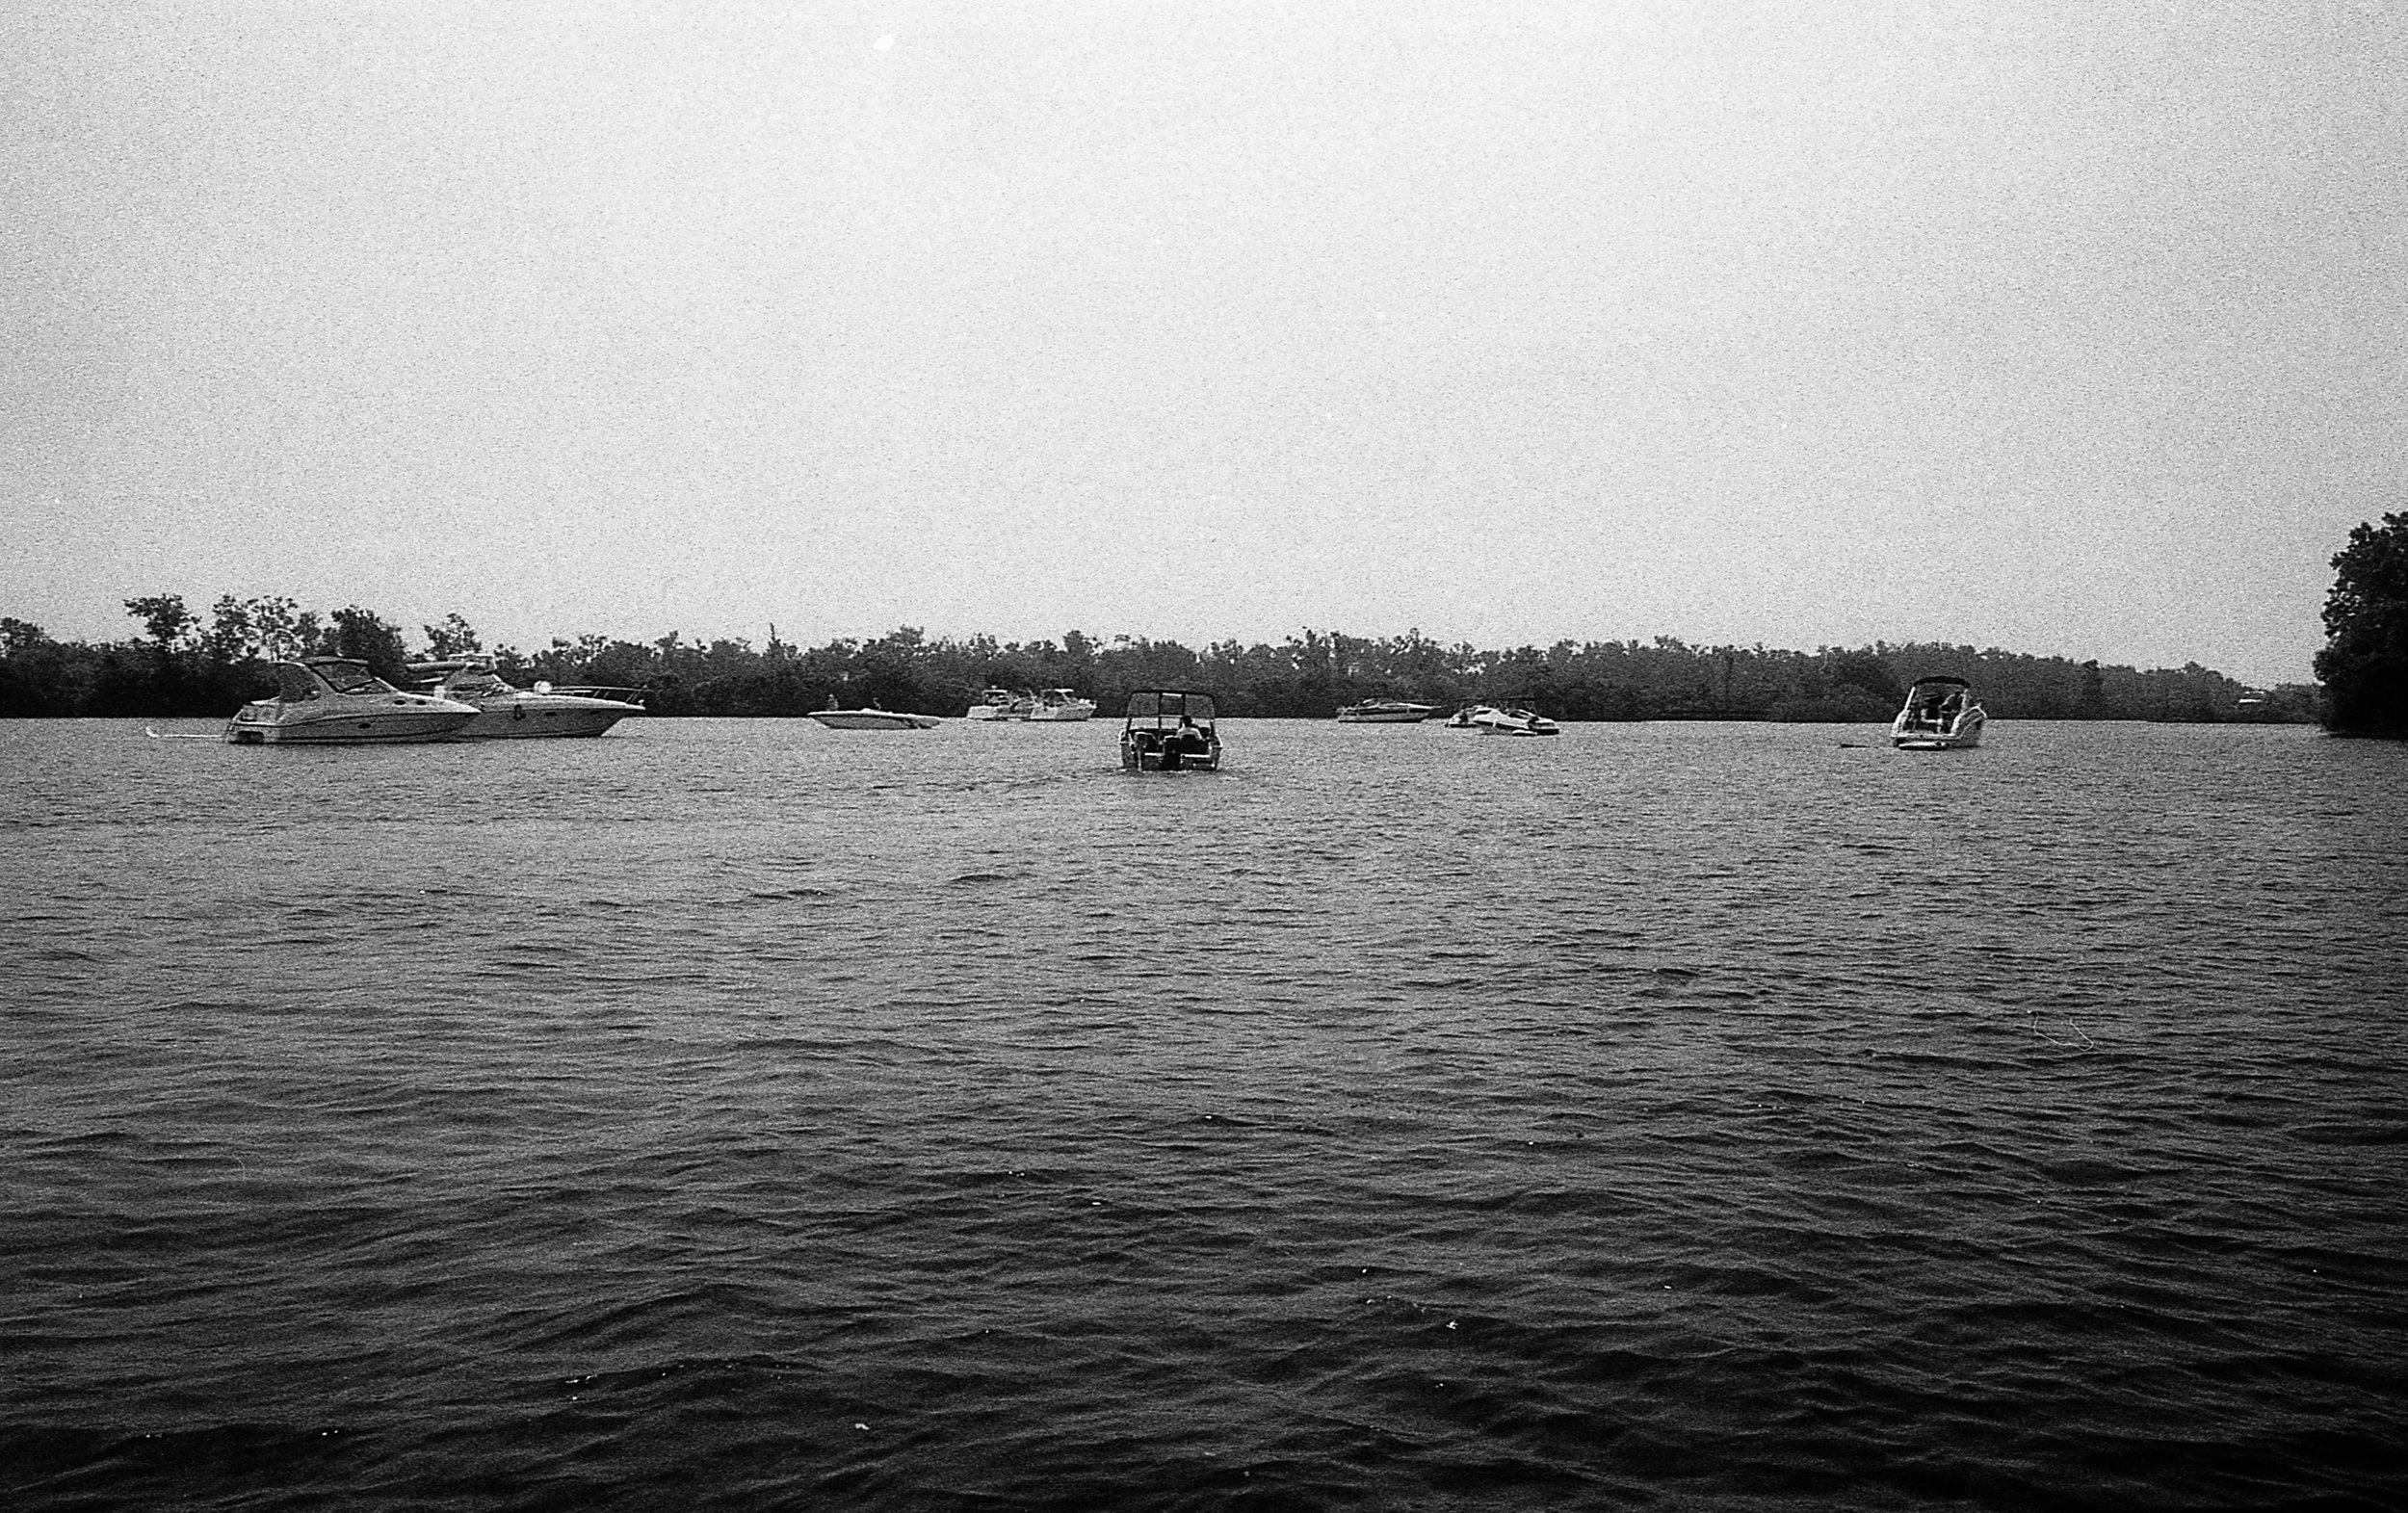 1981 Minolta X-700 Photo 35mm Film Zoe Kissel detroit river dunbar and sullivan michigan